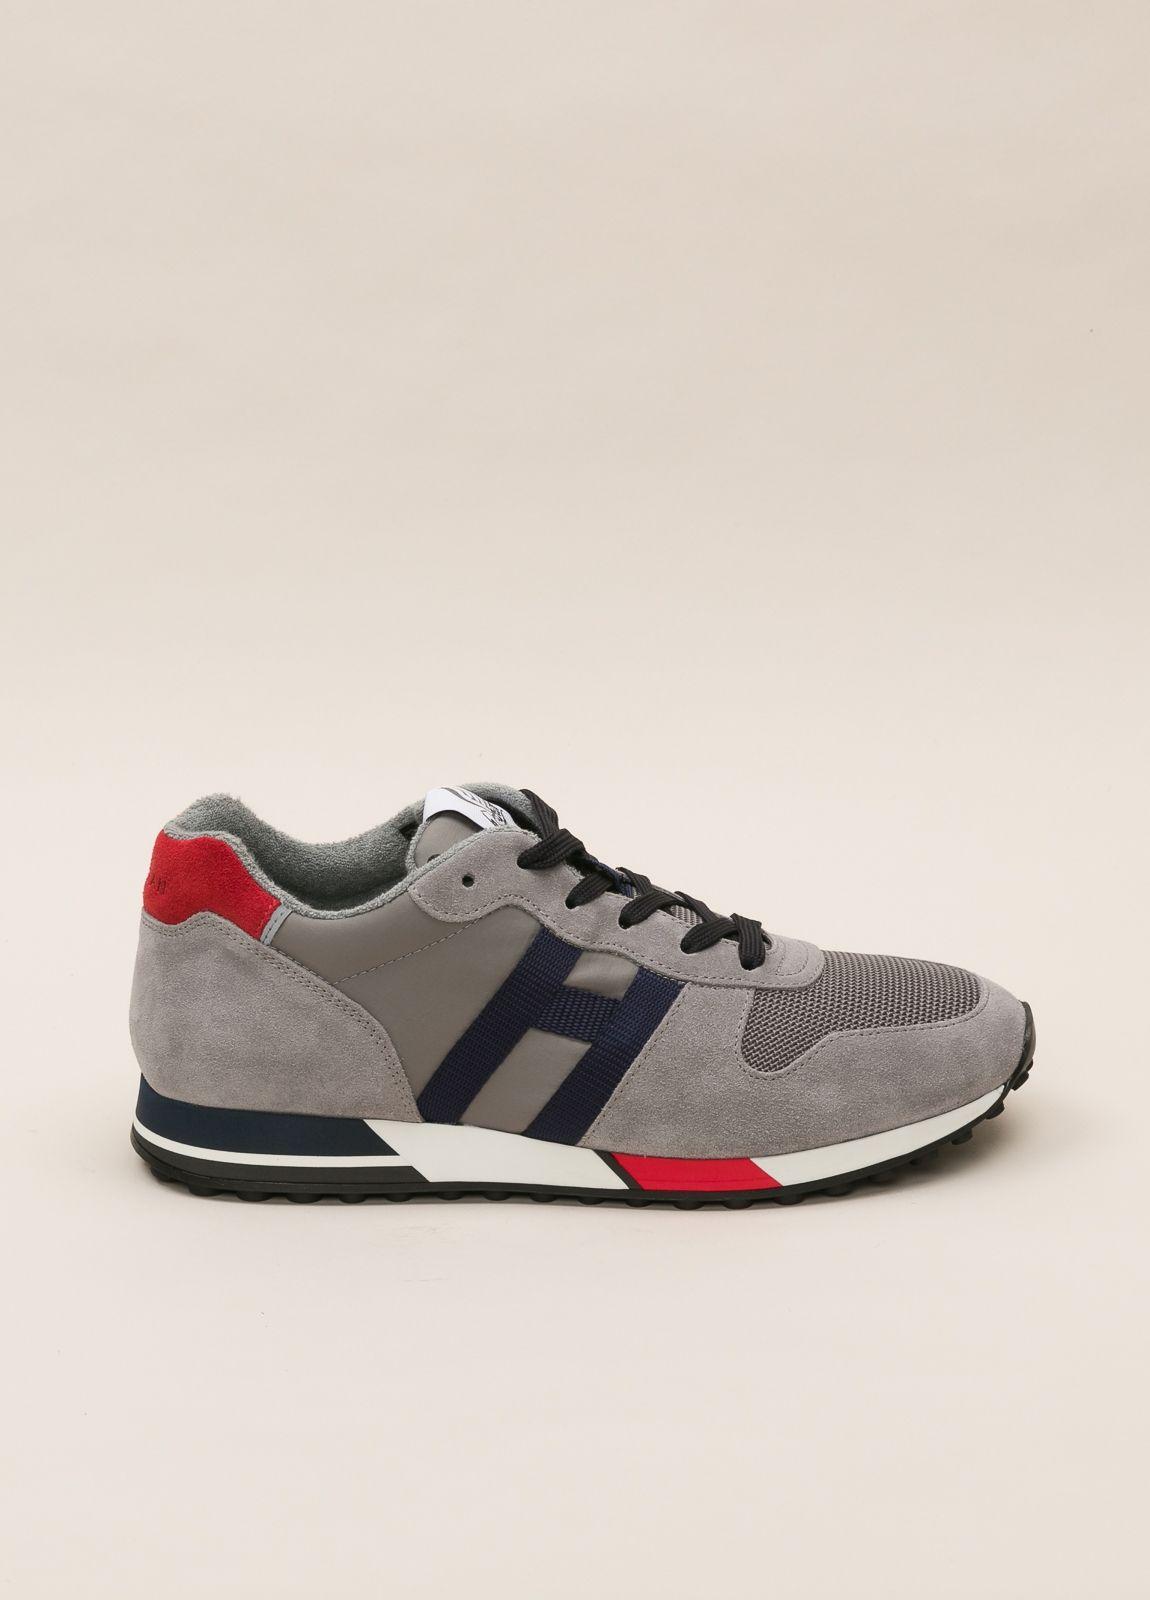 Zapatillas deportivas HOGAN gris y rojo